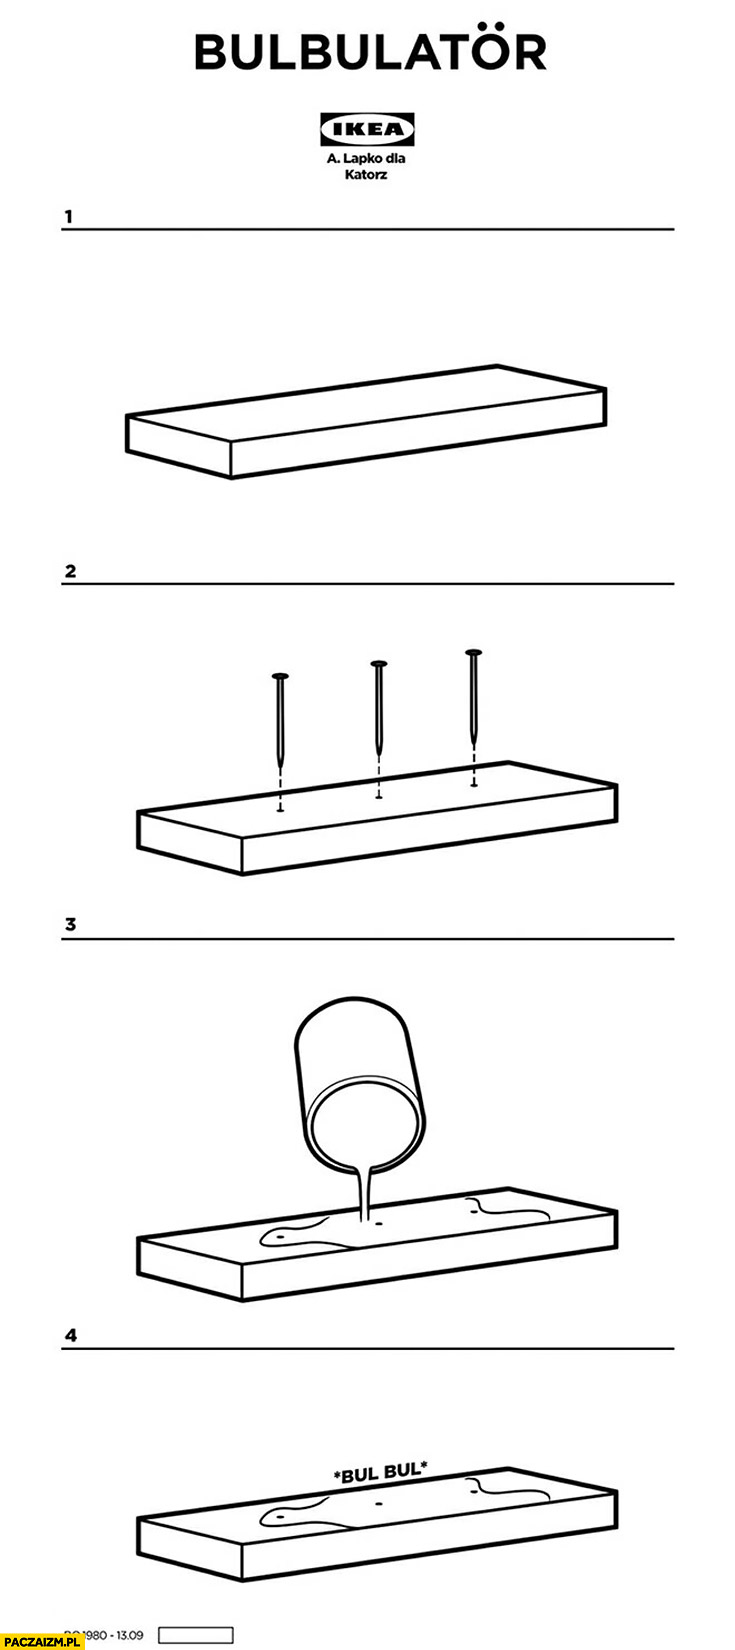 Bulbulator Ikea produkt schemat